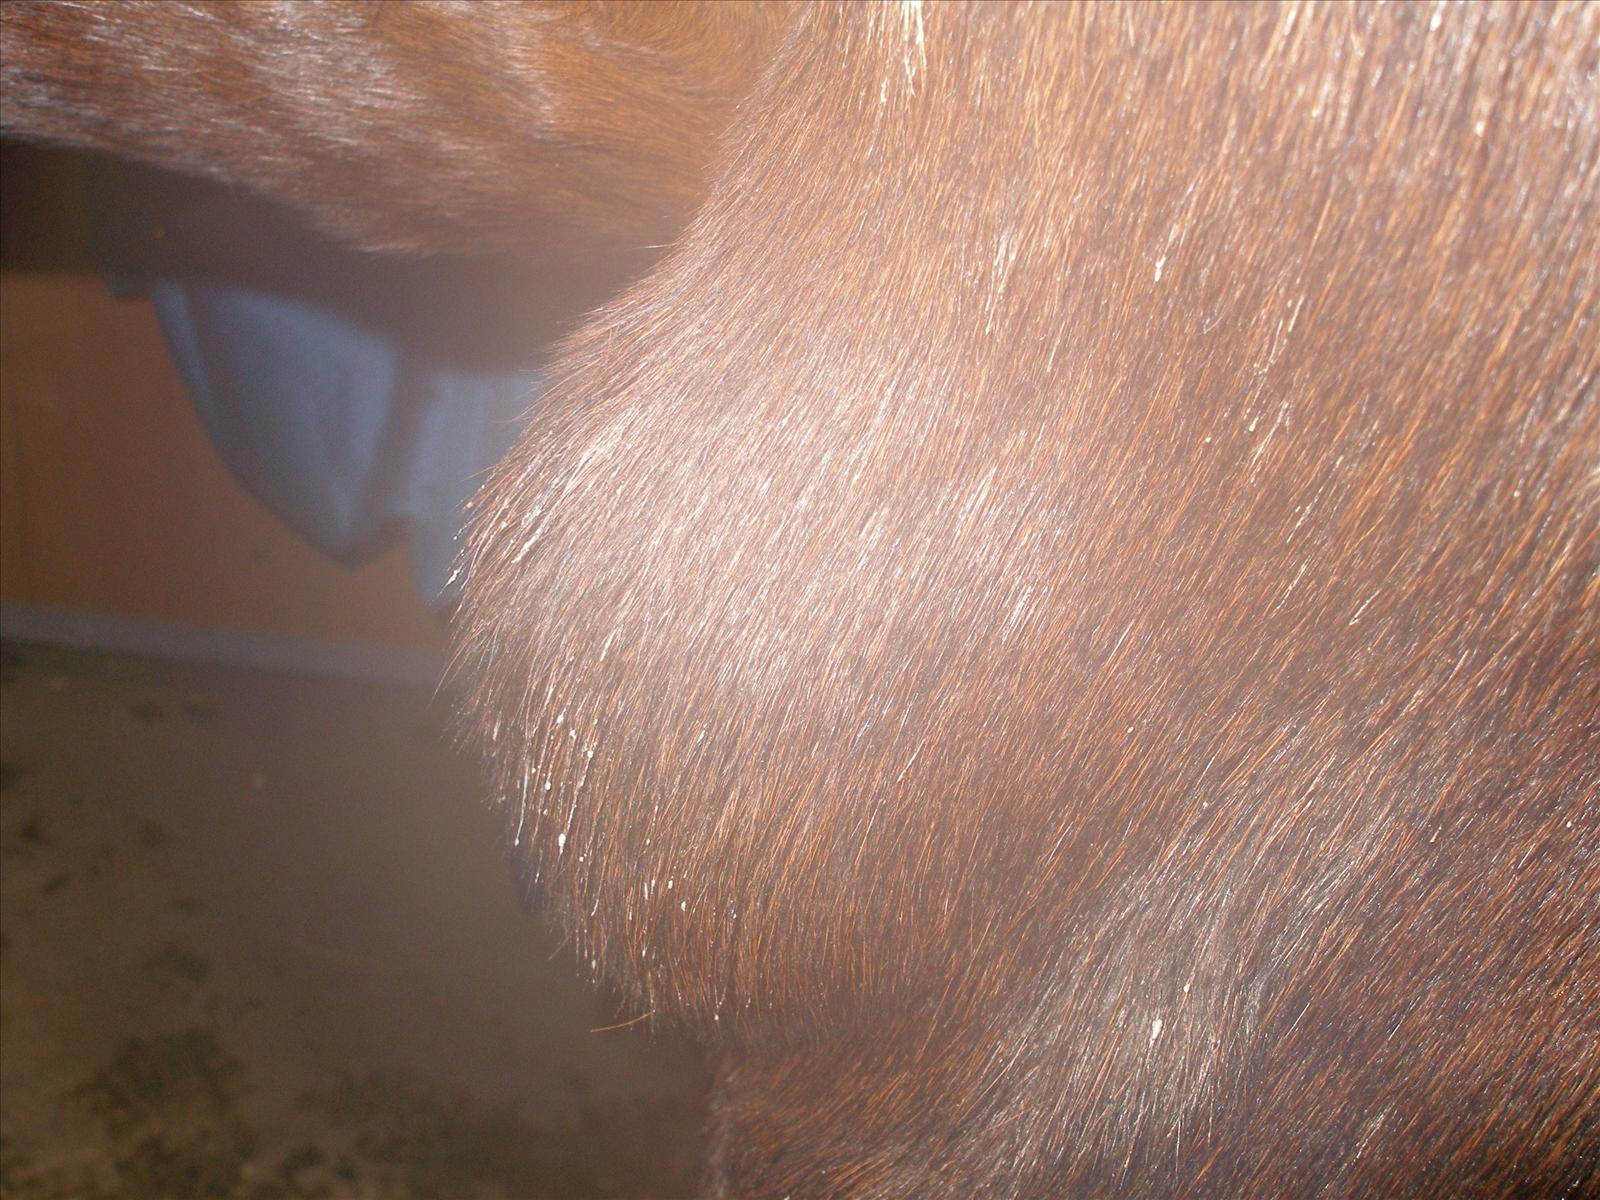 stor knöl i nacken på hund